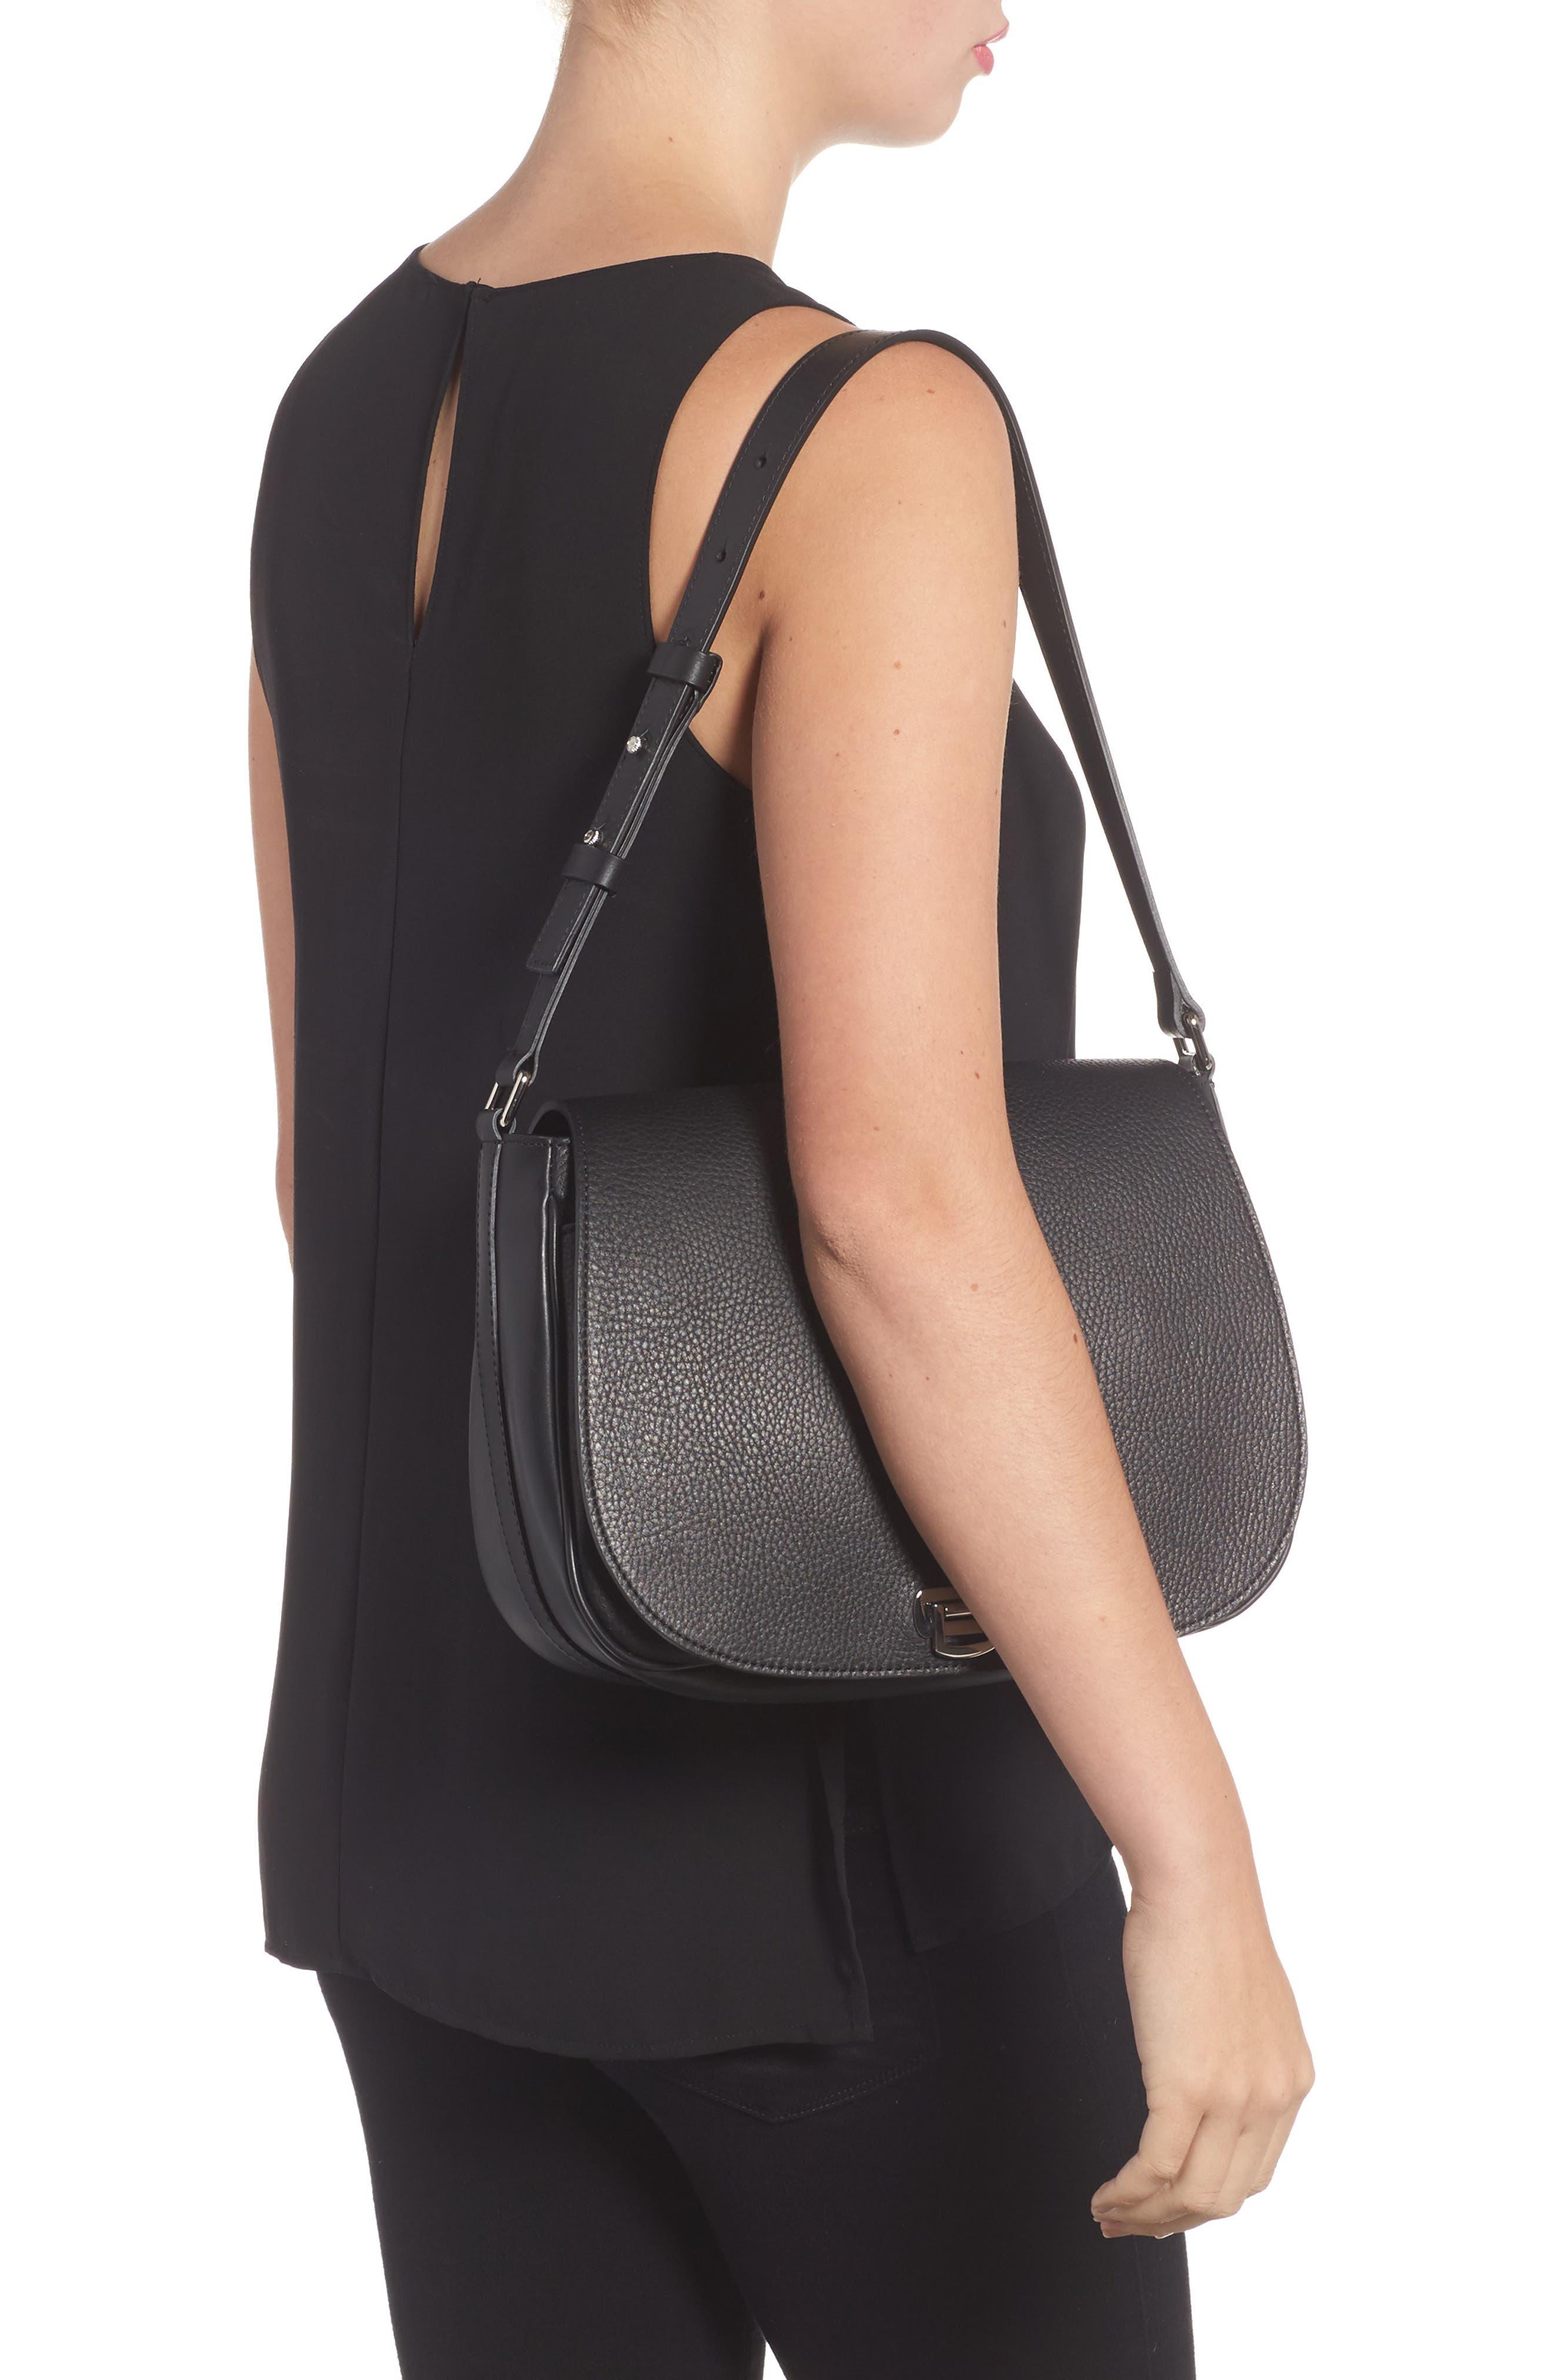 Calfskin Leather Shoulder Bag,                             Alternate thumbnail 2, color,                             001